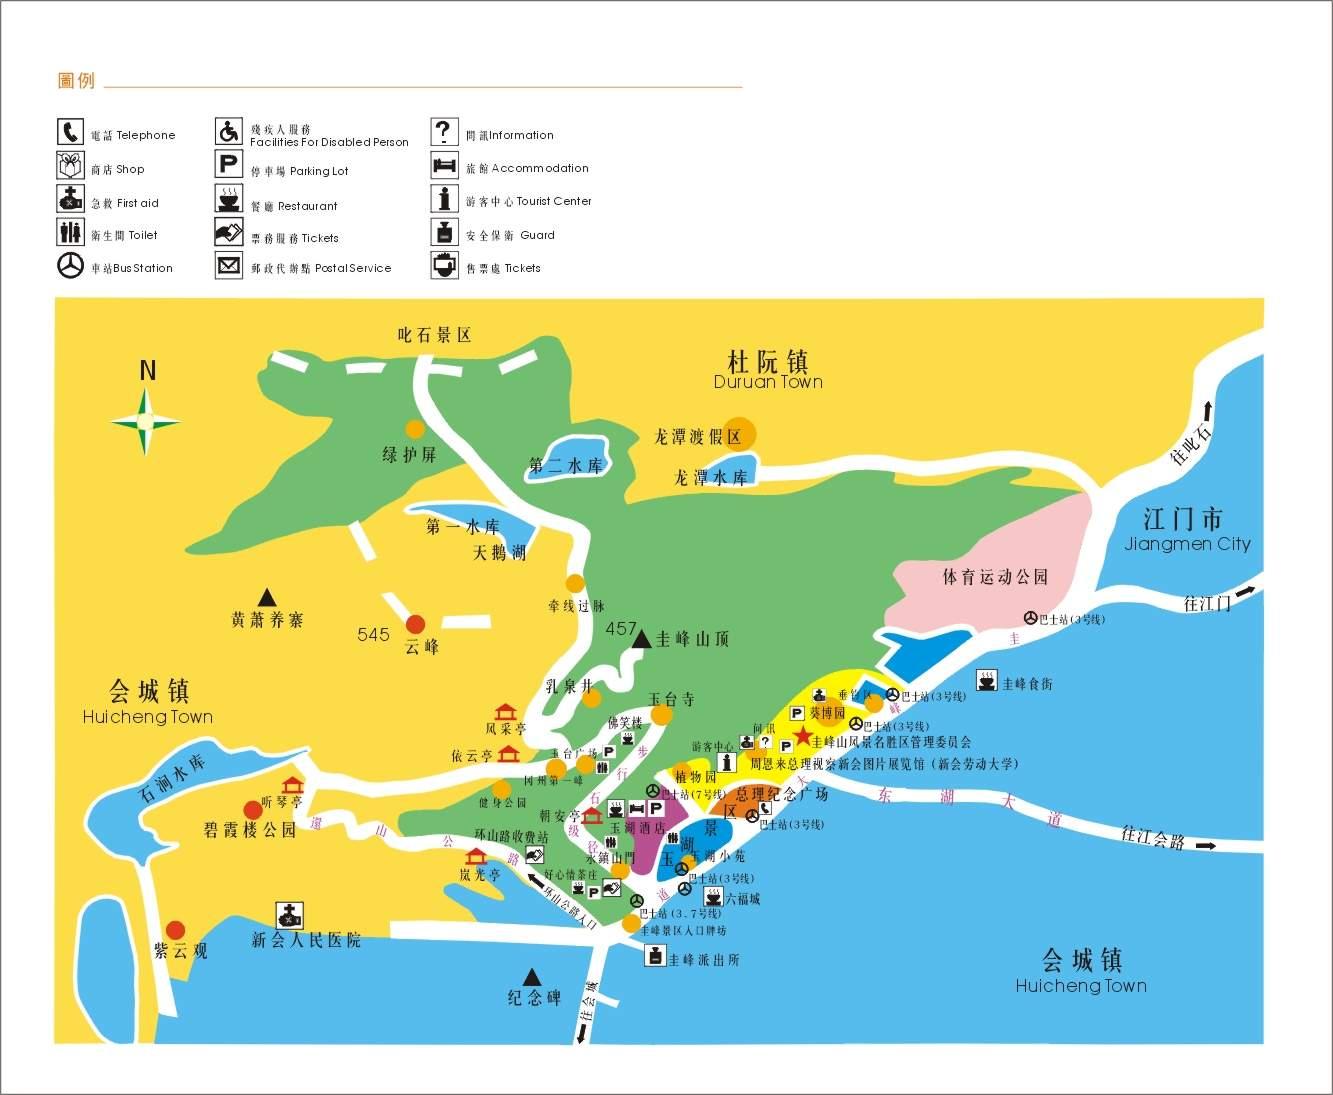 广东旅游地图景点_广东旅游景区地图